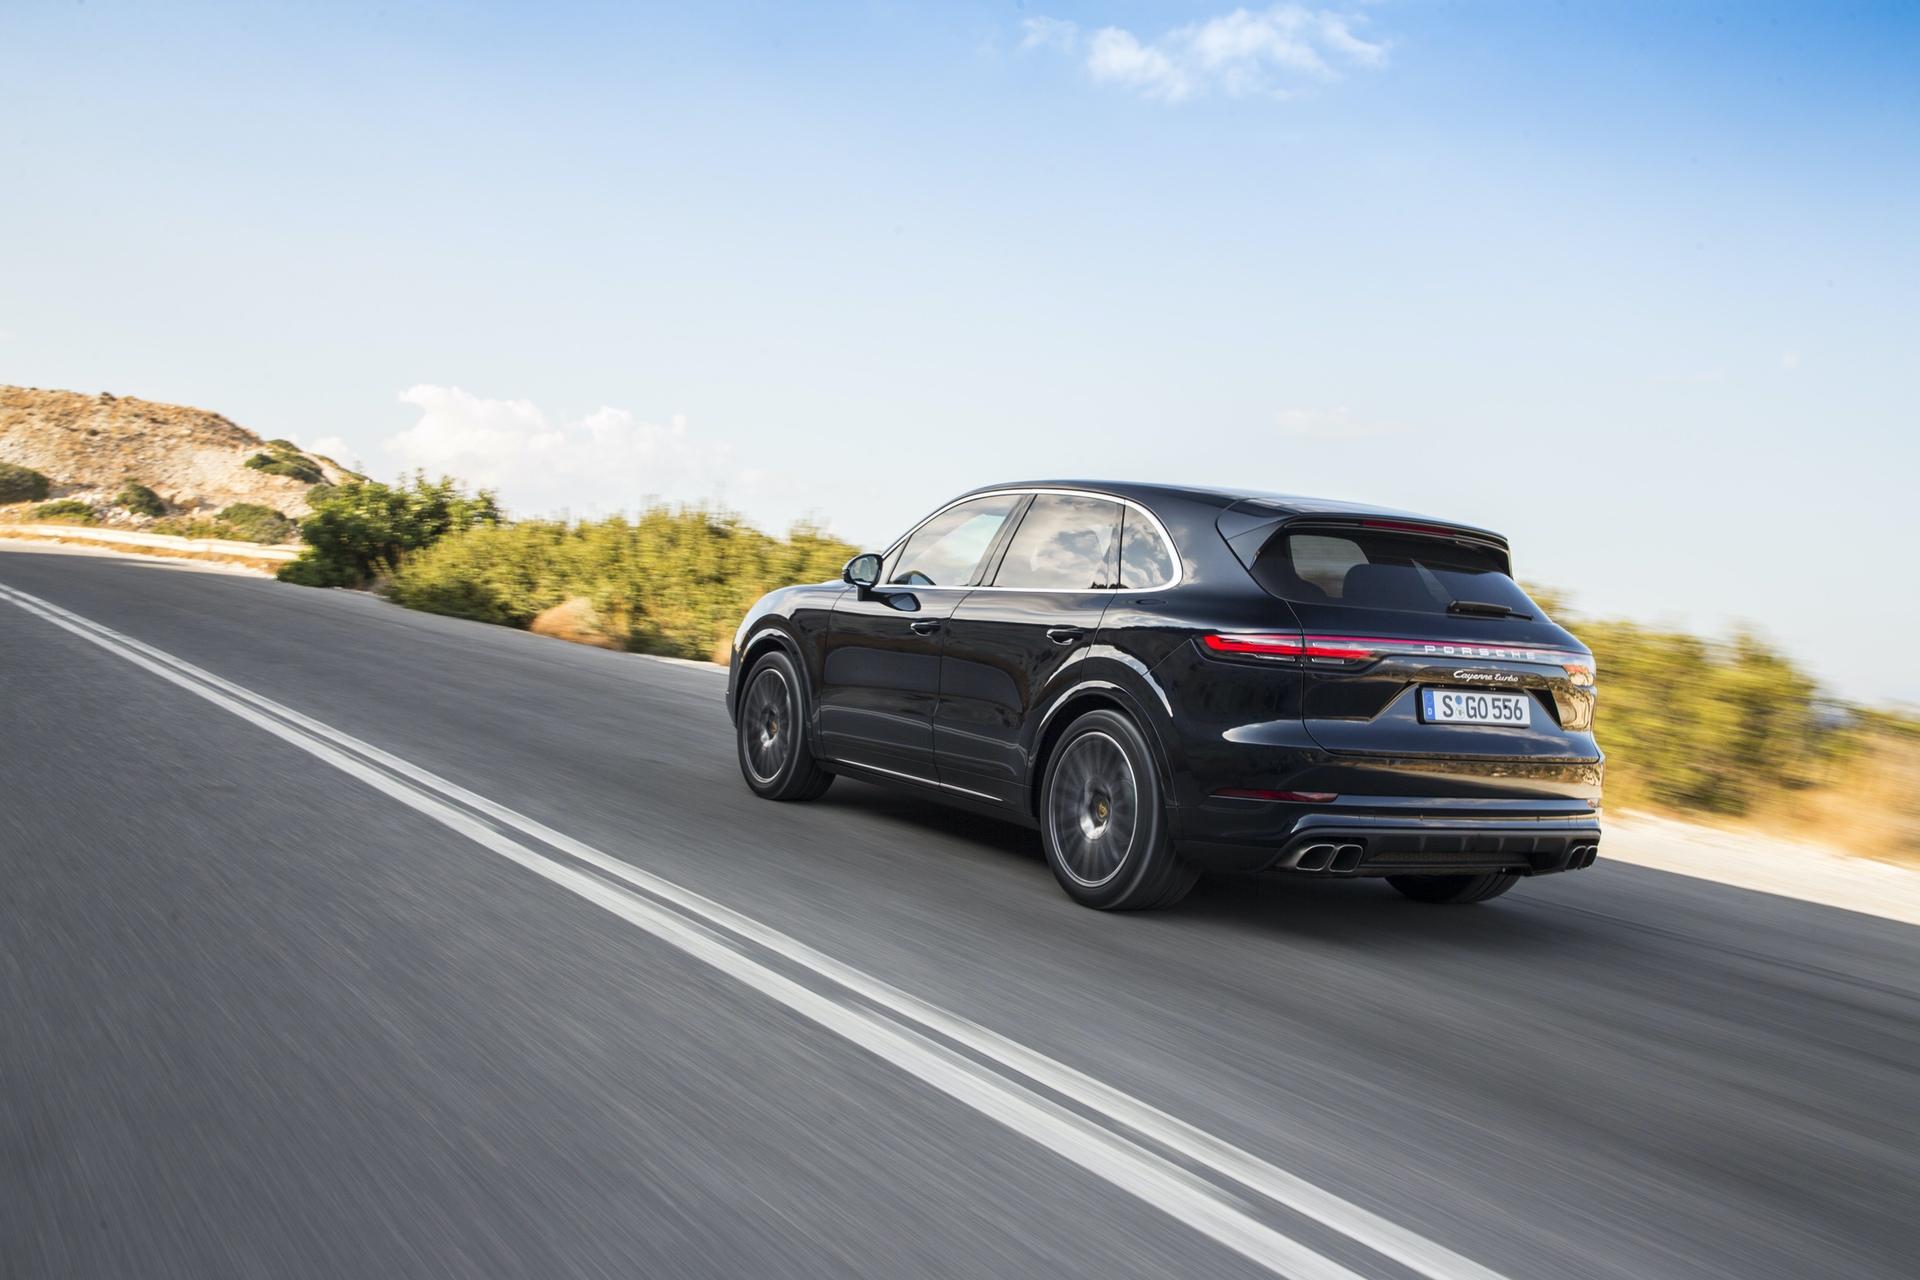 Test_Drive_Porsche_Cayenne_121